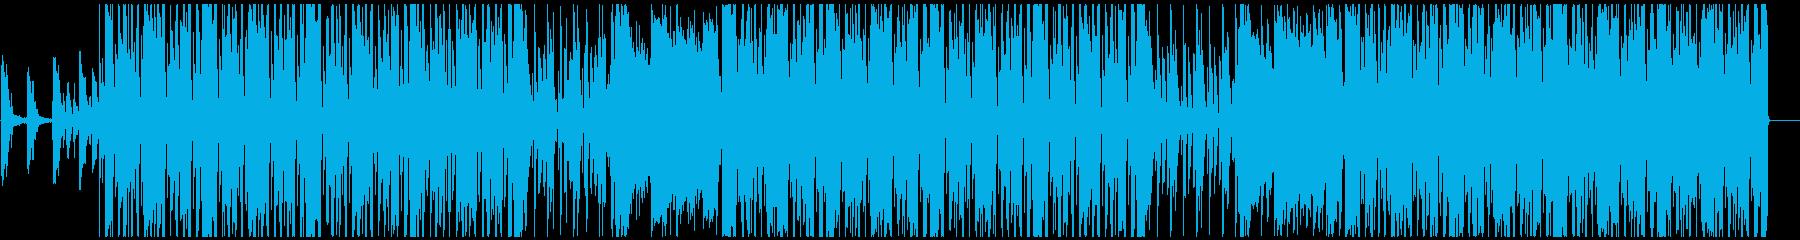 爽やかで優しい雰囲気のR&BHIPHOPの再生済みの波形